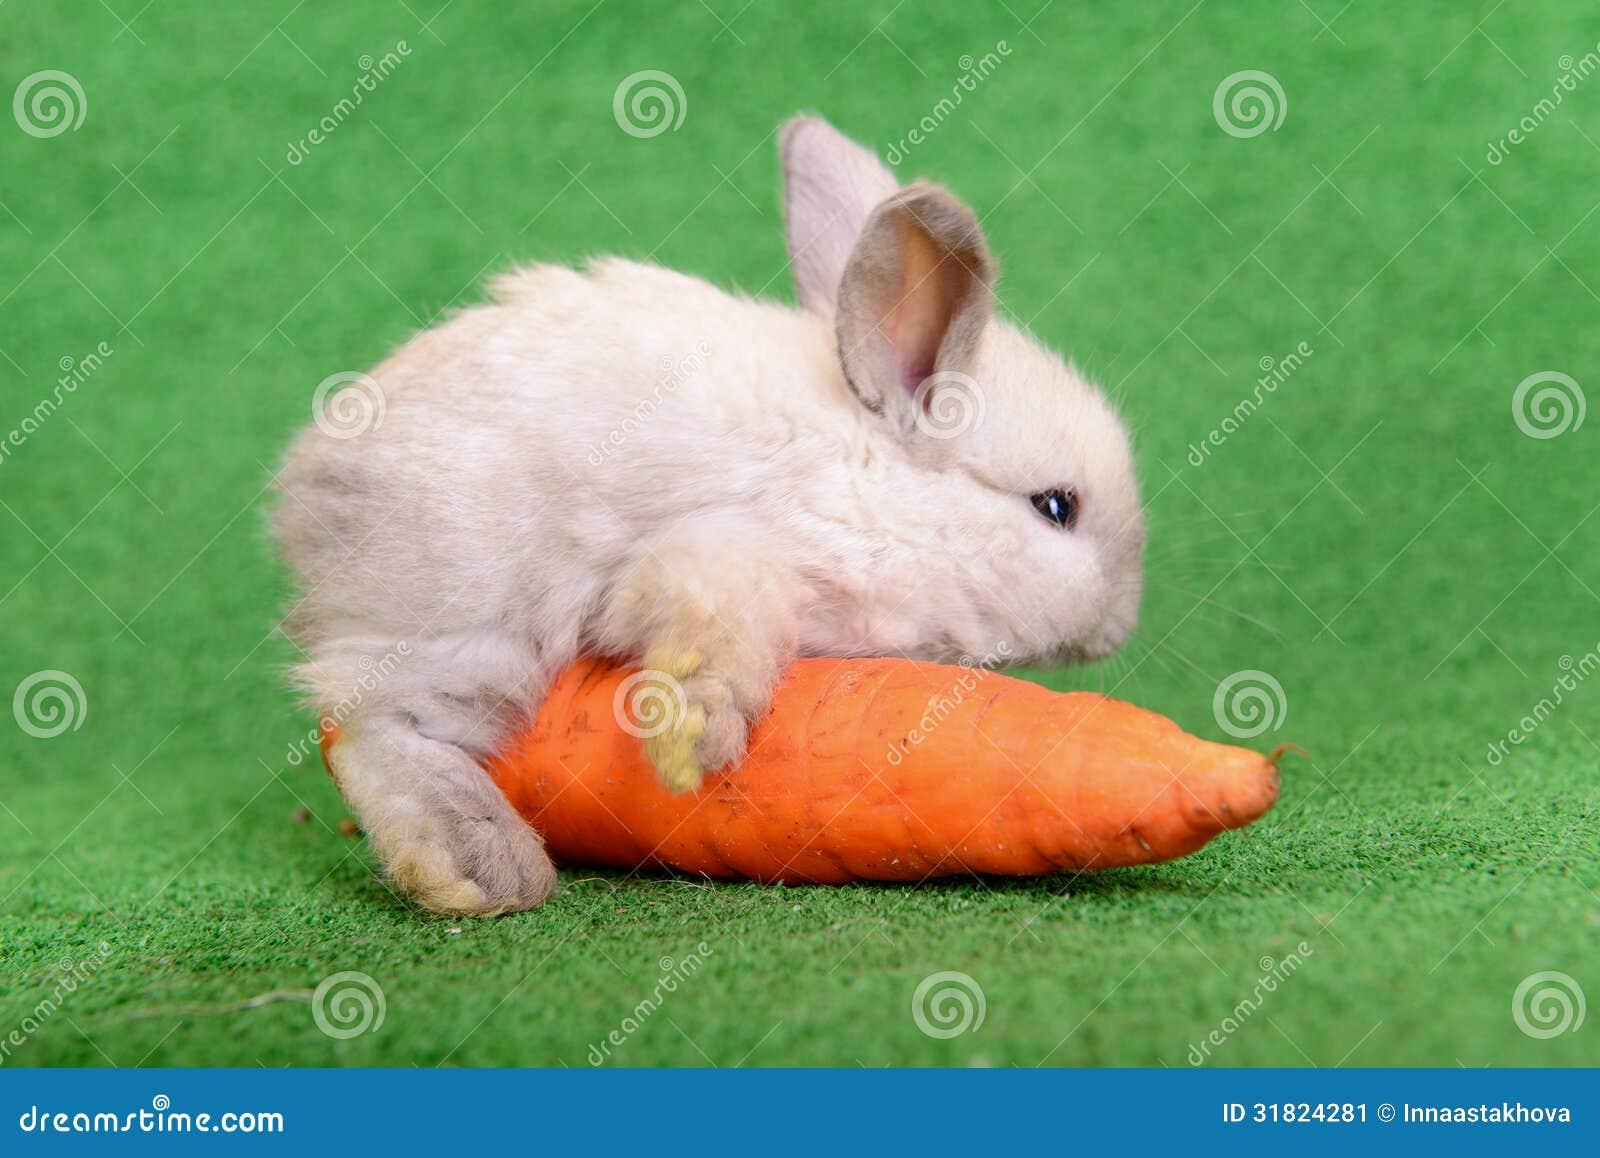 Conejo con la zanahoria imagen de archivo imagen 31824281 for La zanahoria es una hortaliza